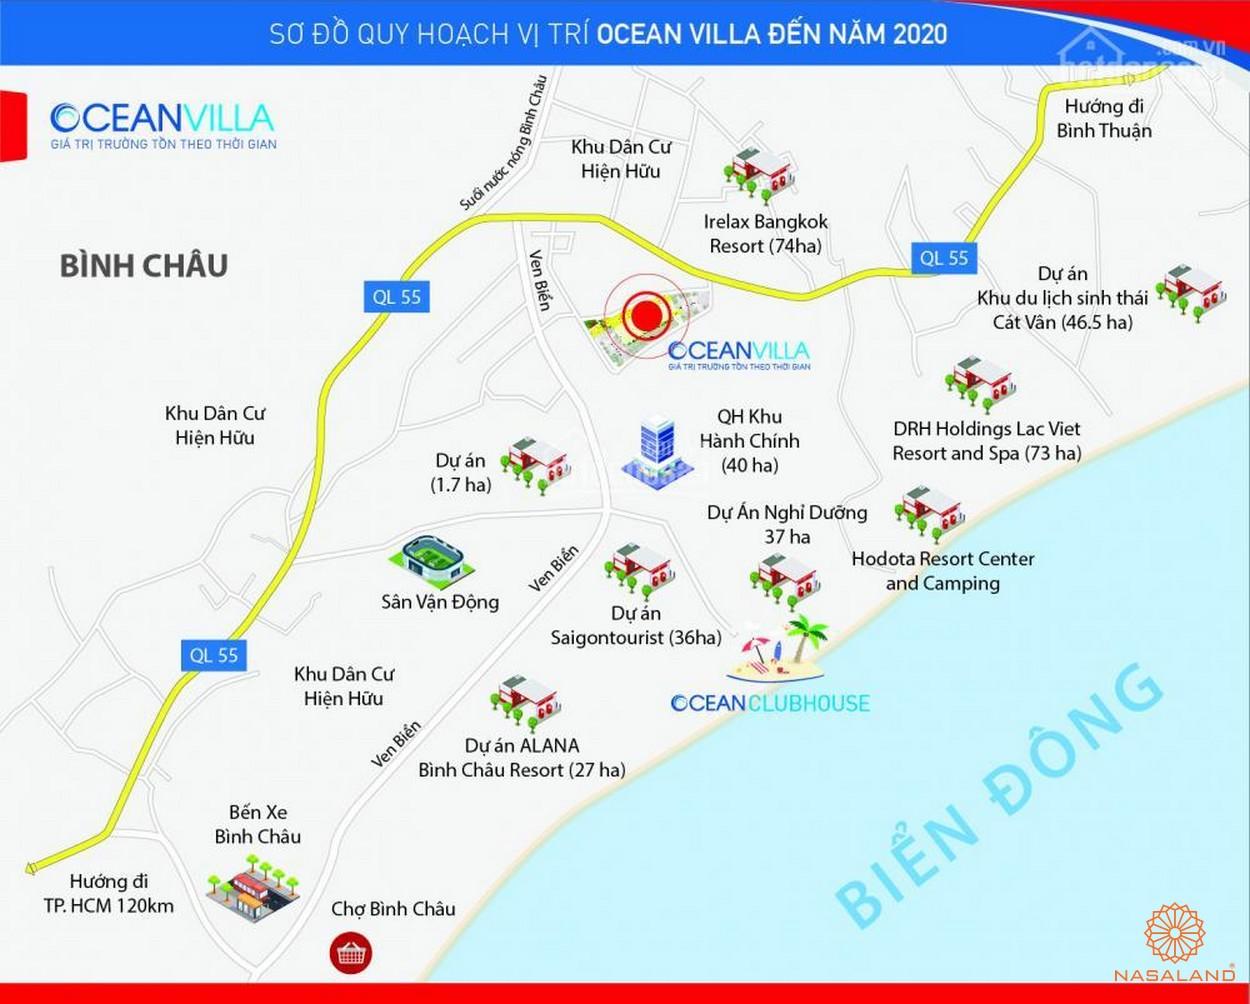 Ocean Villa Bình Châu - Vị trí đất nền biệt thự Bình Châu